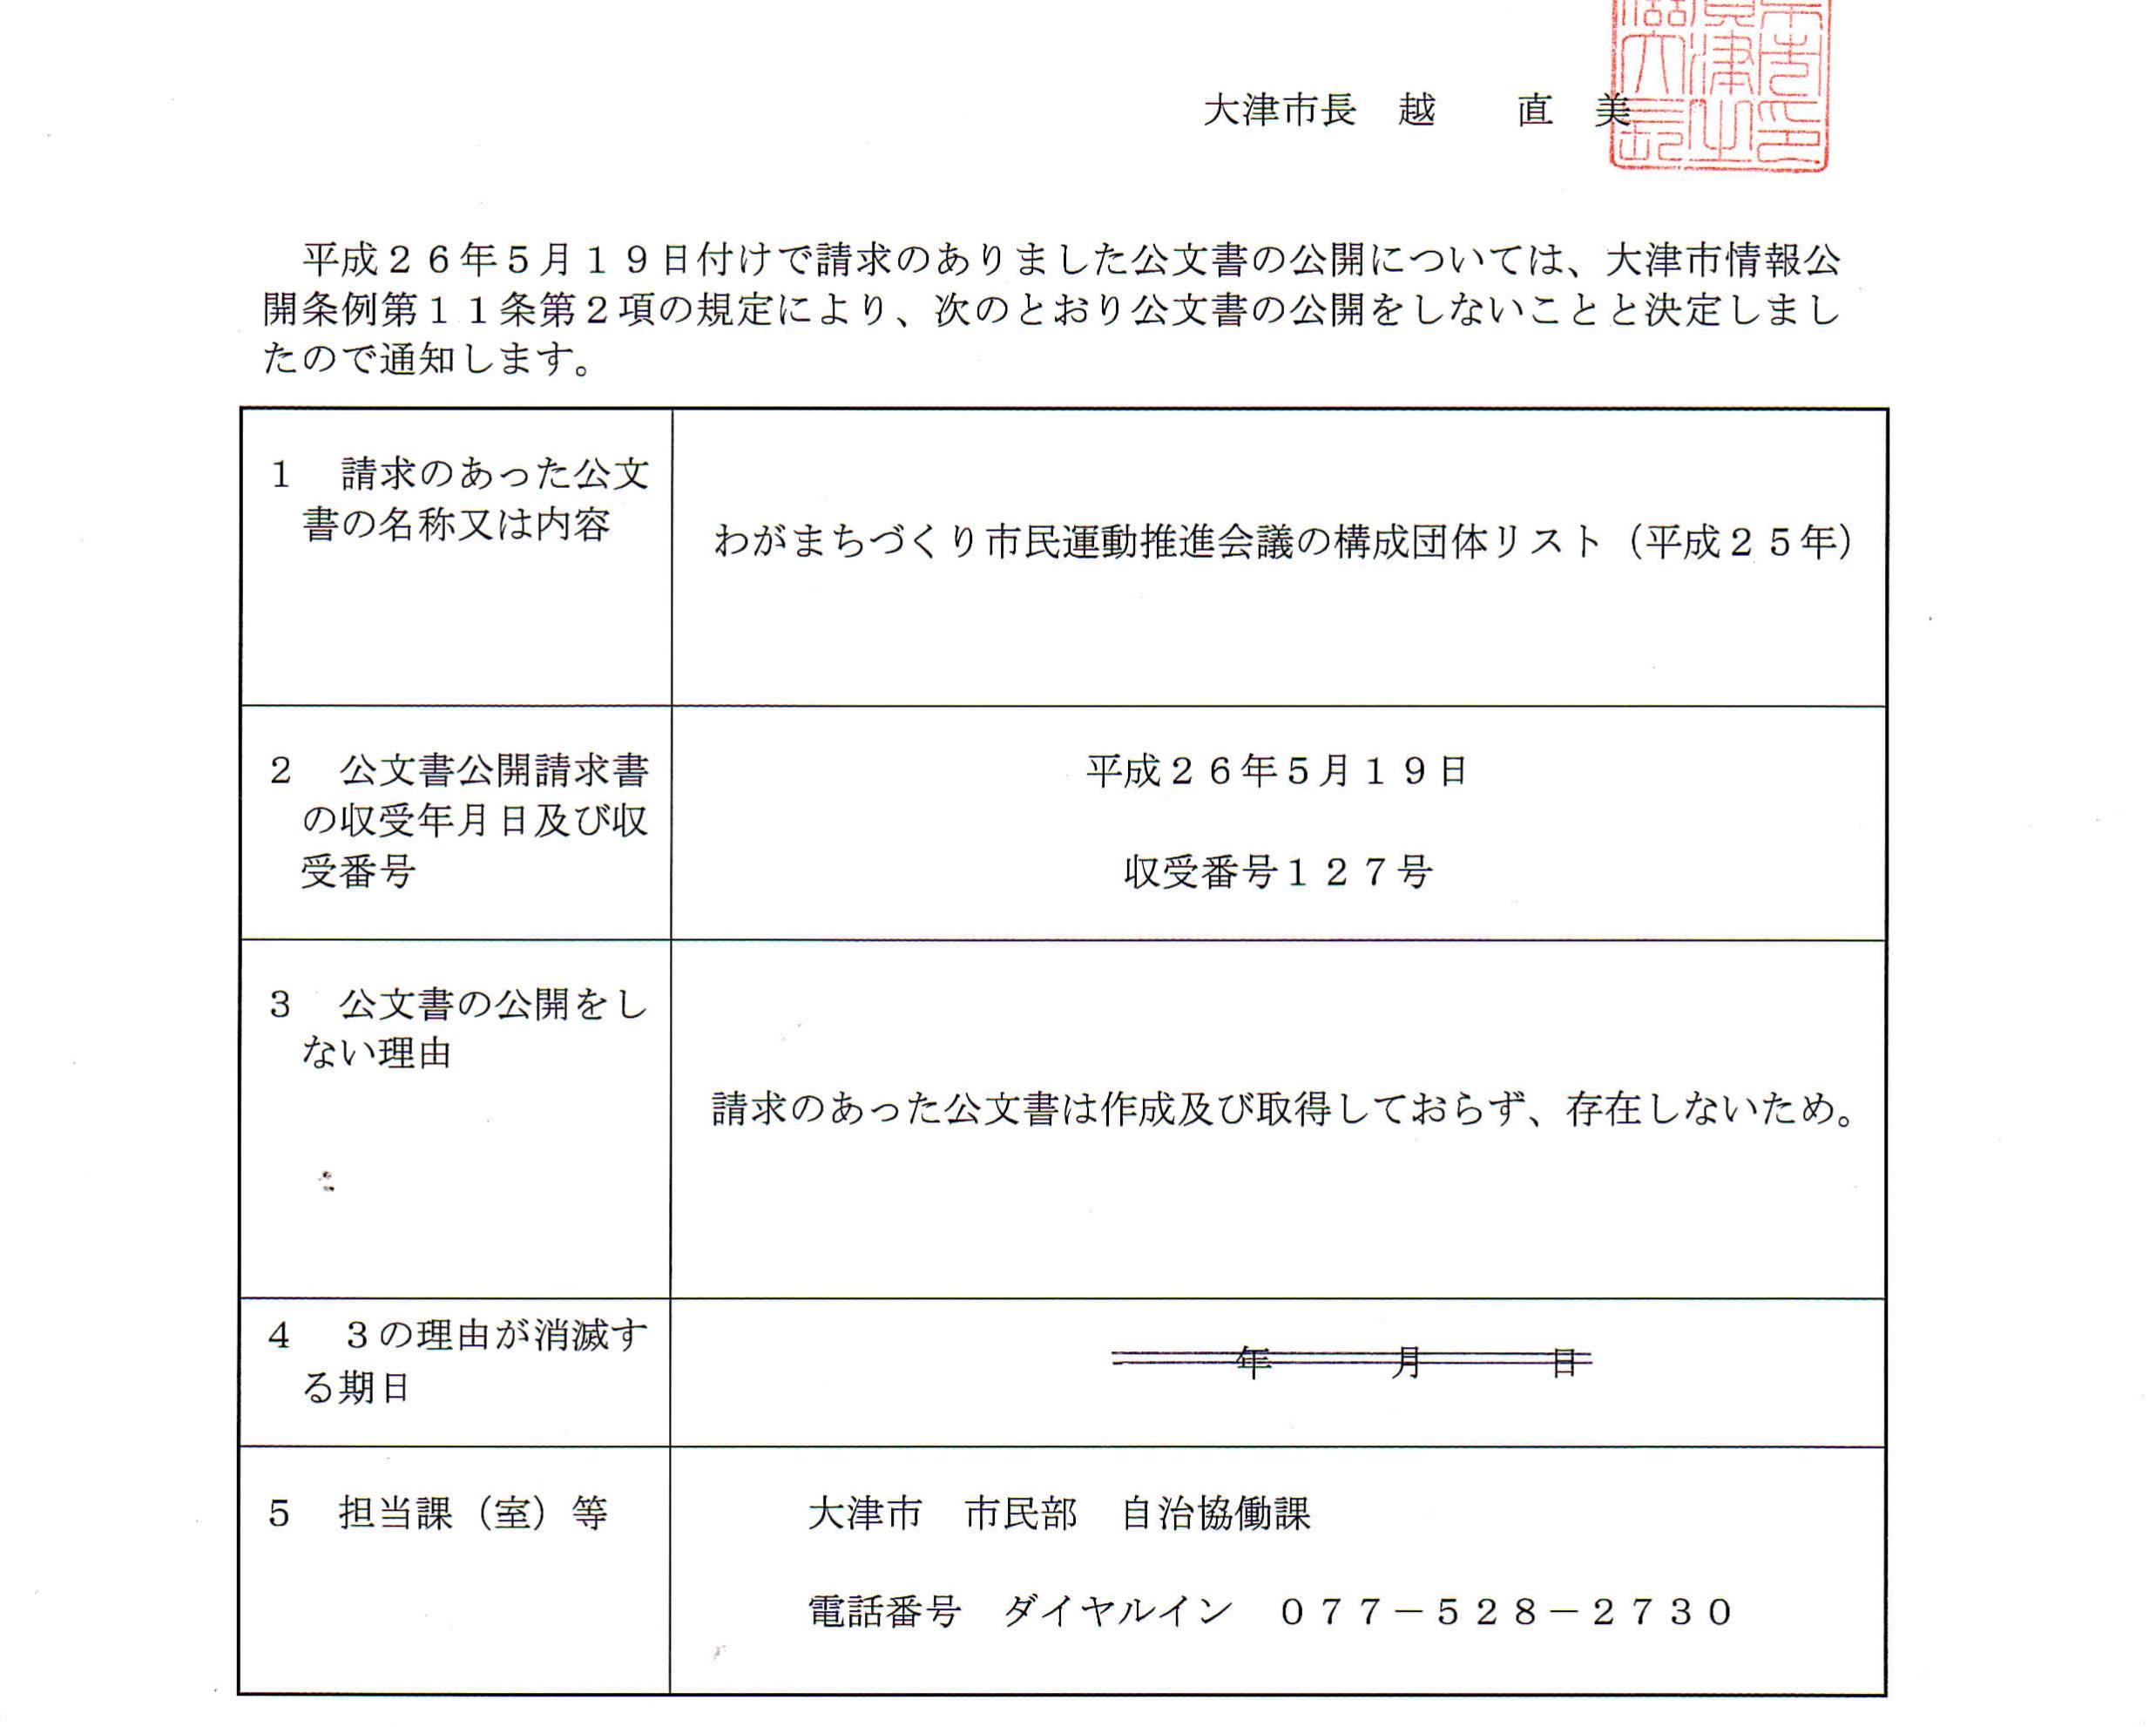 大津市自治協働課/わがまちづくり非公開